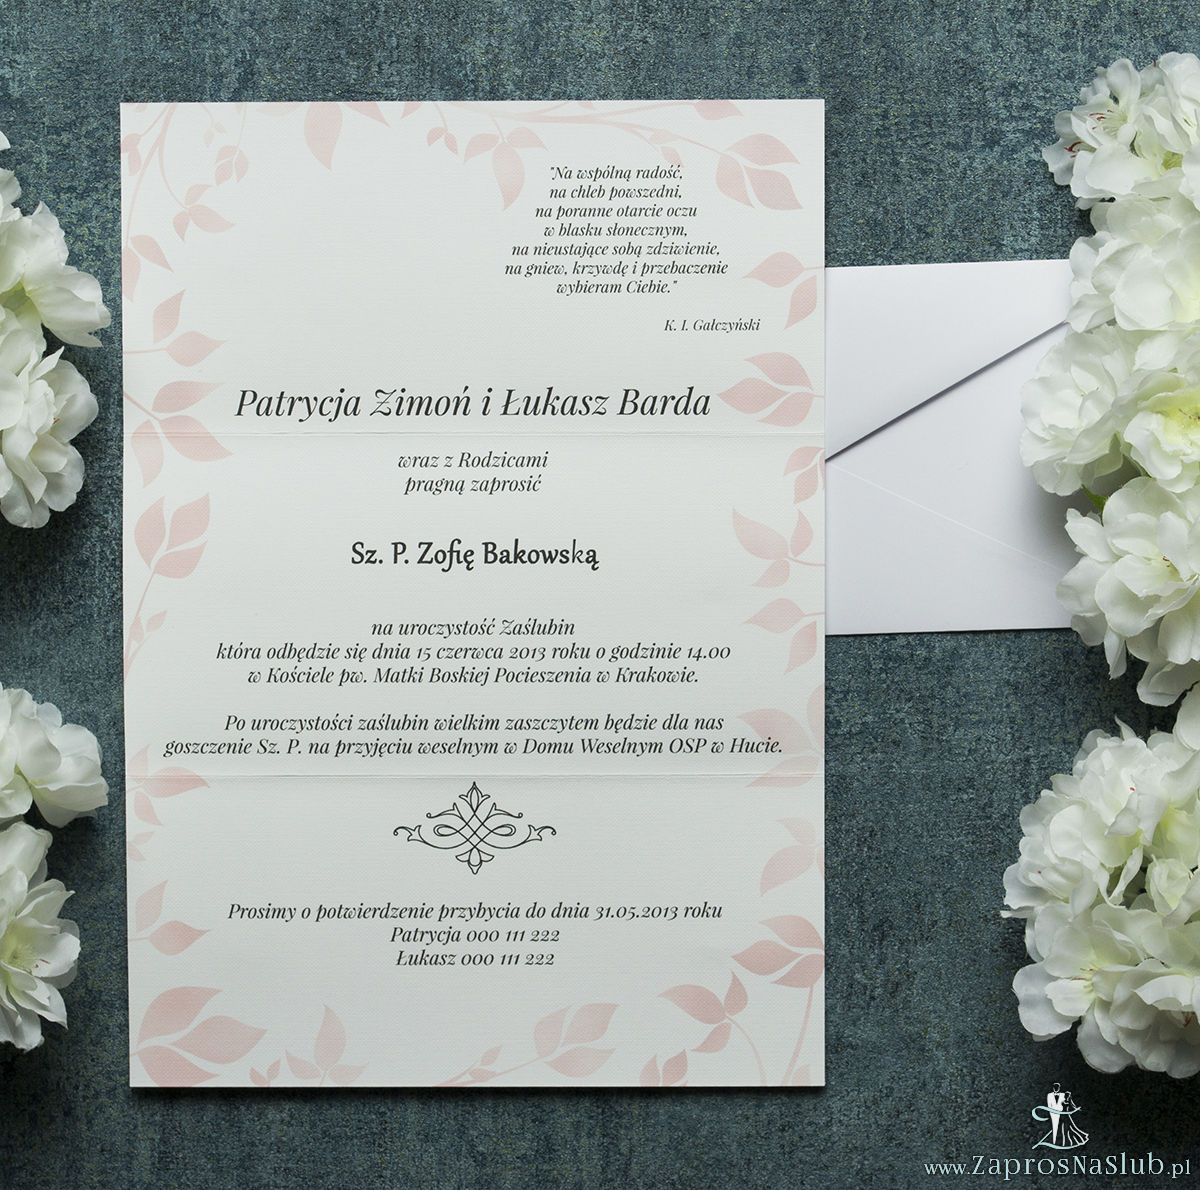 Składane na trzy części kwiatowe zaproszenia ślubne w formacie DL. Kwiaty - gerbera, czerwona kokardka i interesujący motyw ozdobny. ZAP-95-14